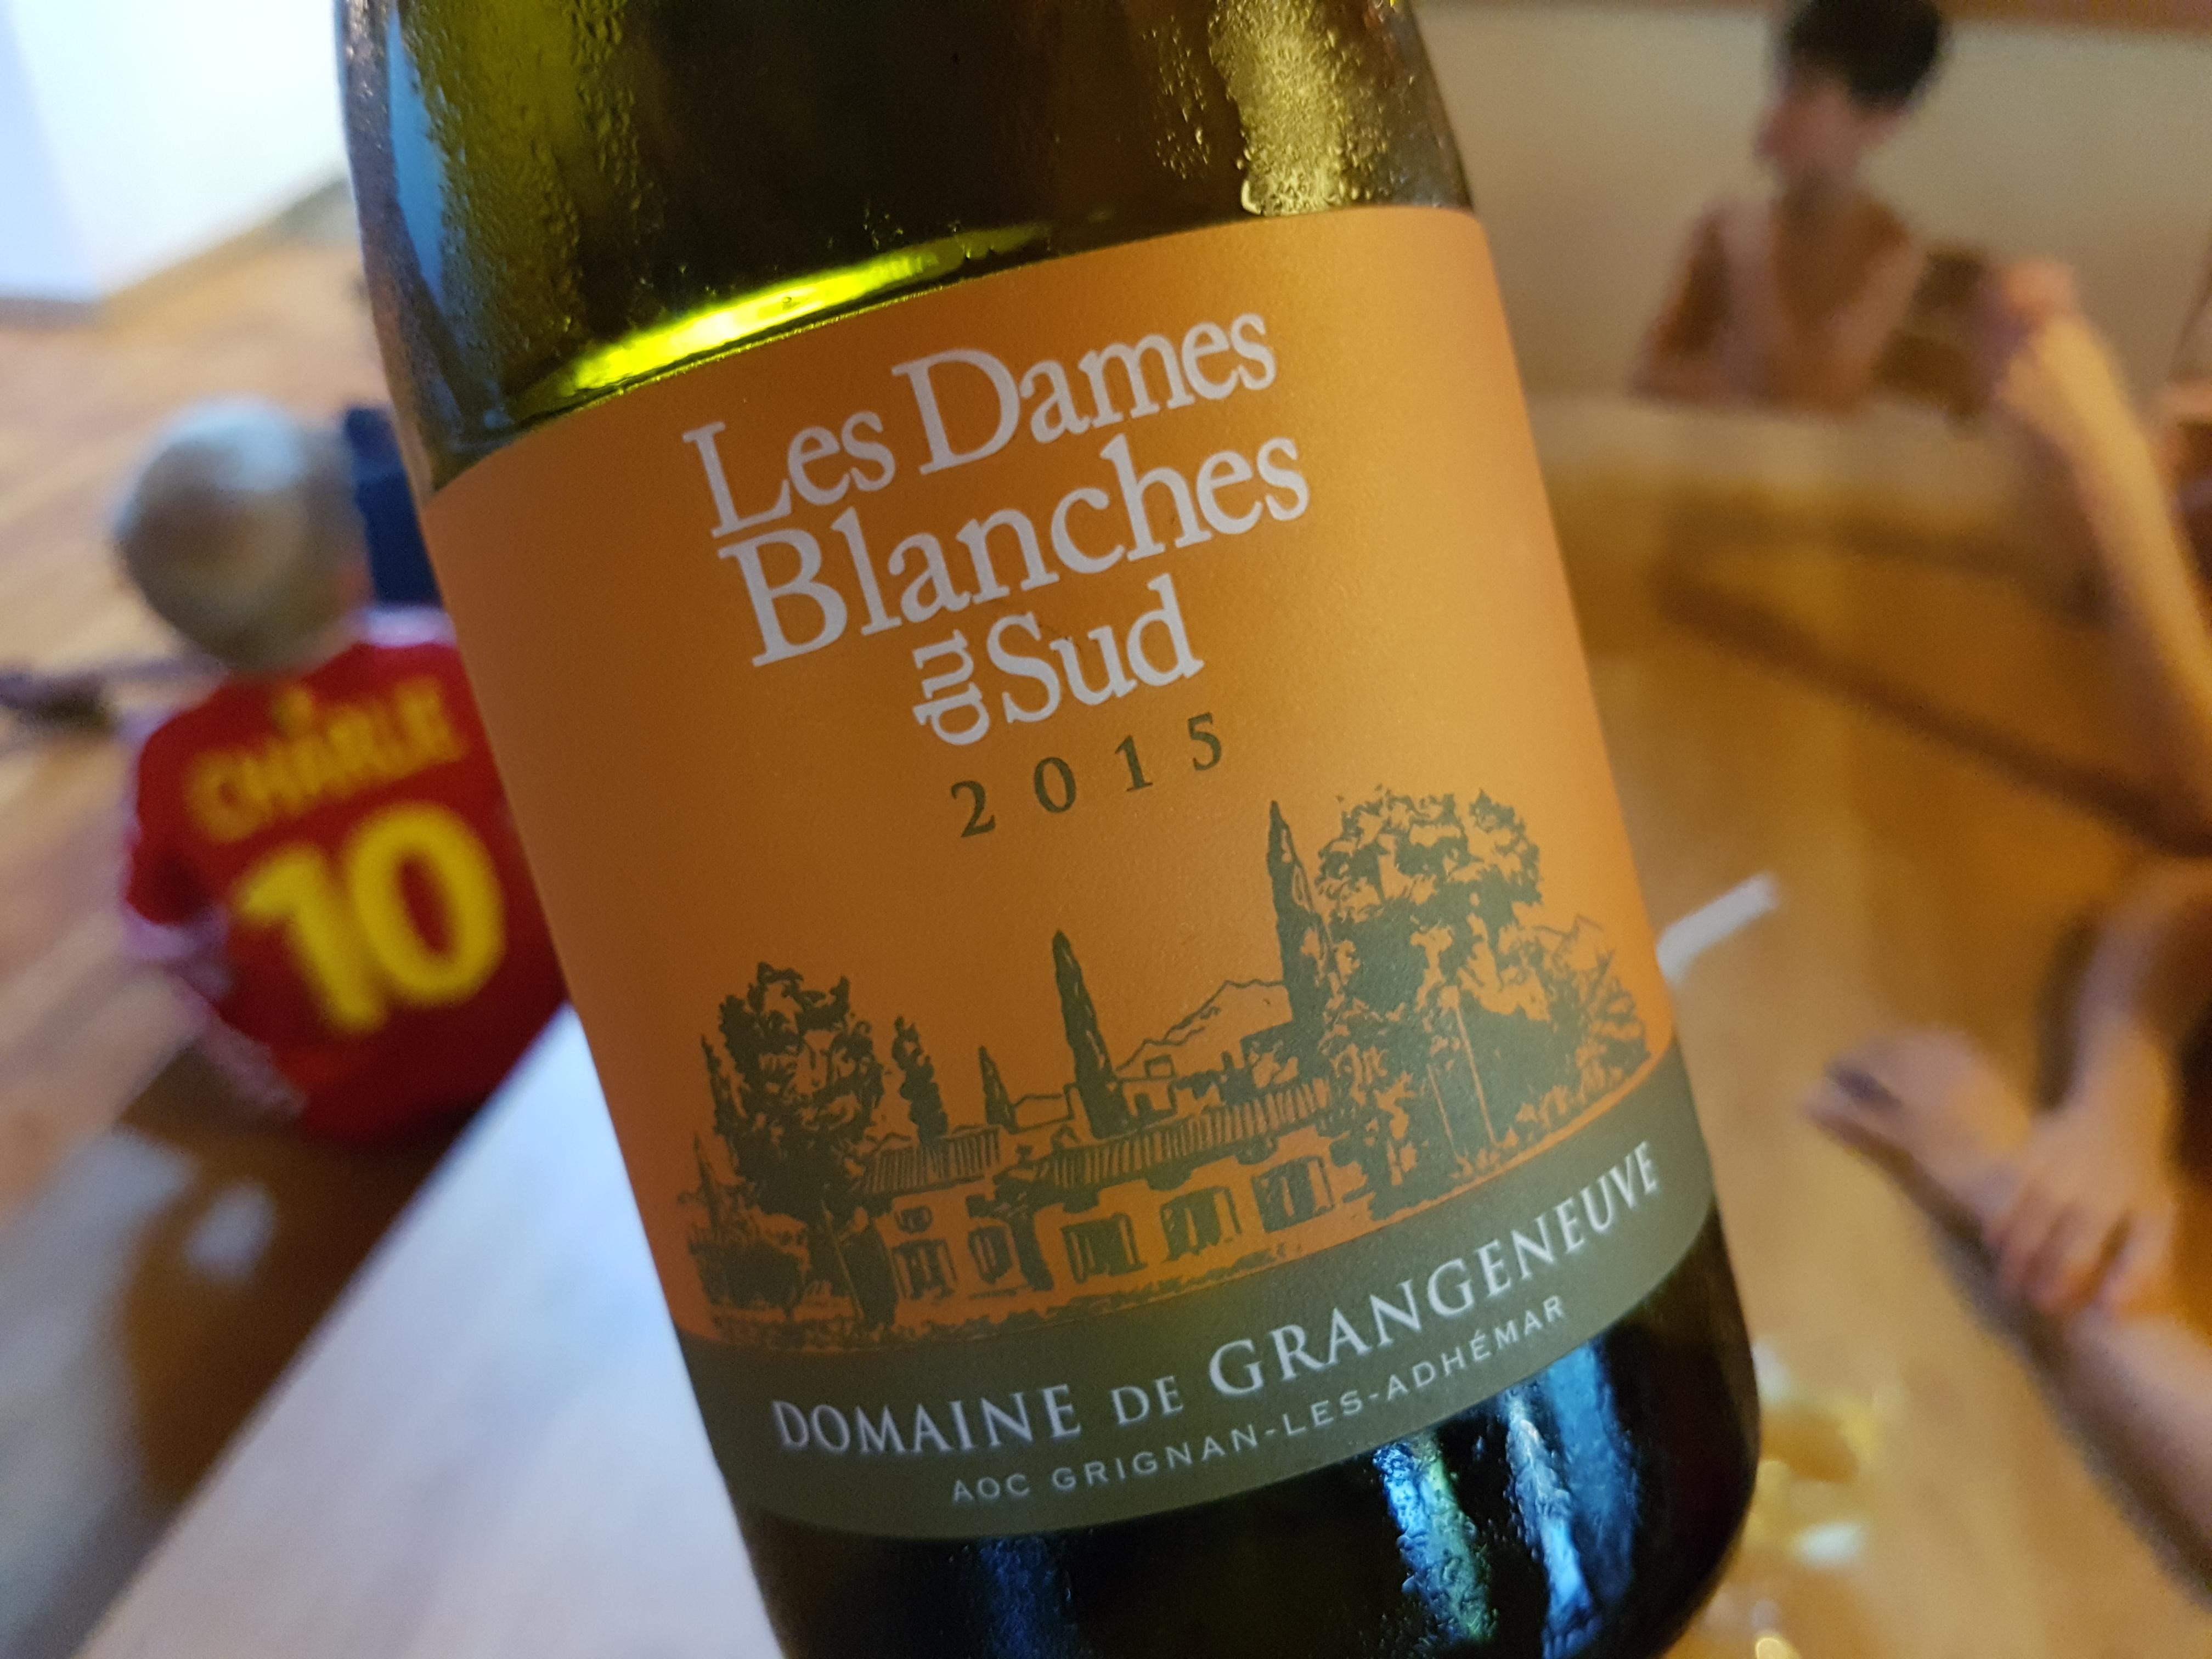 Domaine de Grangeneuve – Les Dames Blanches du Sud 2017